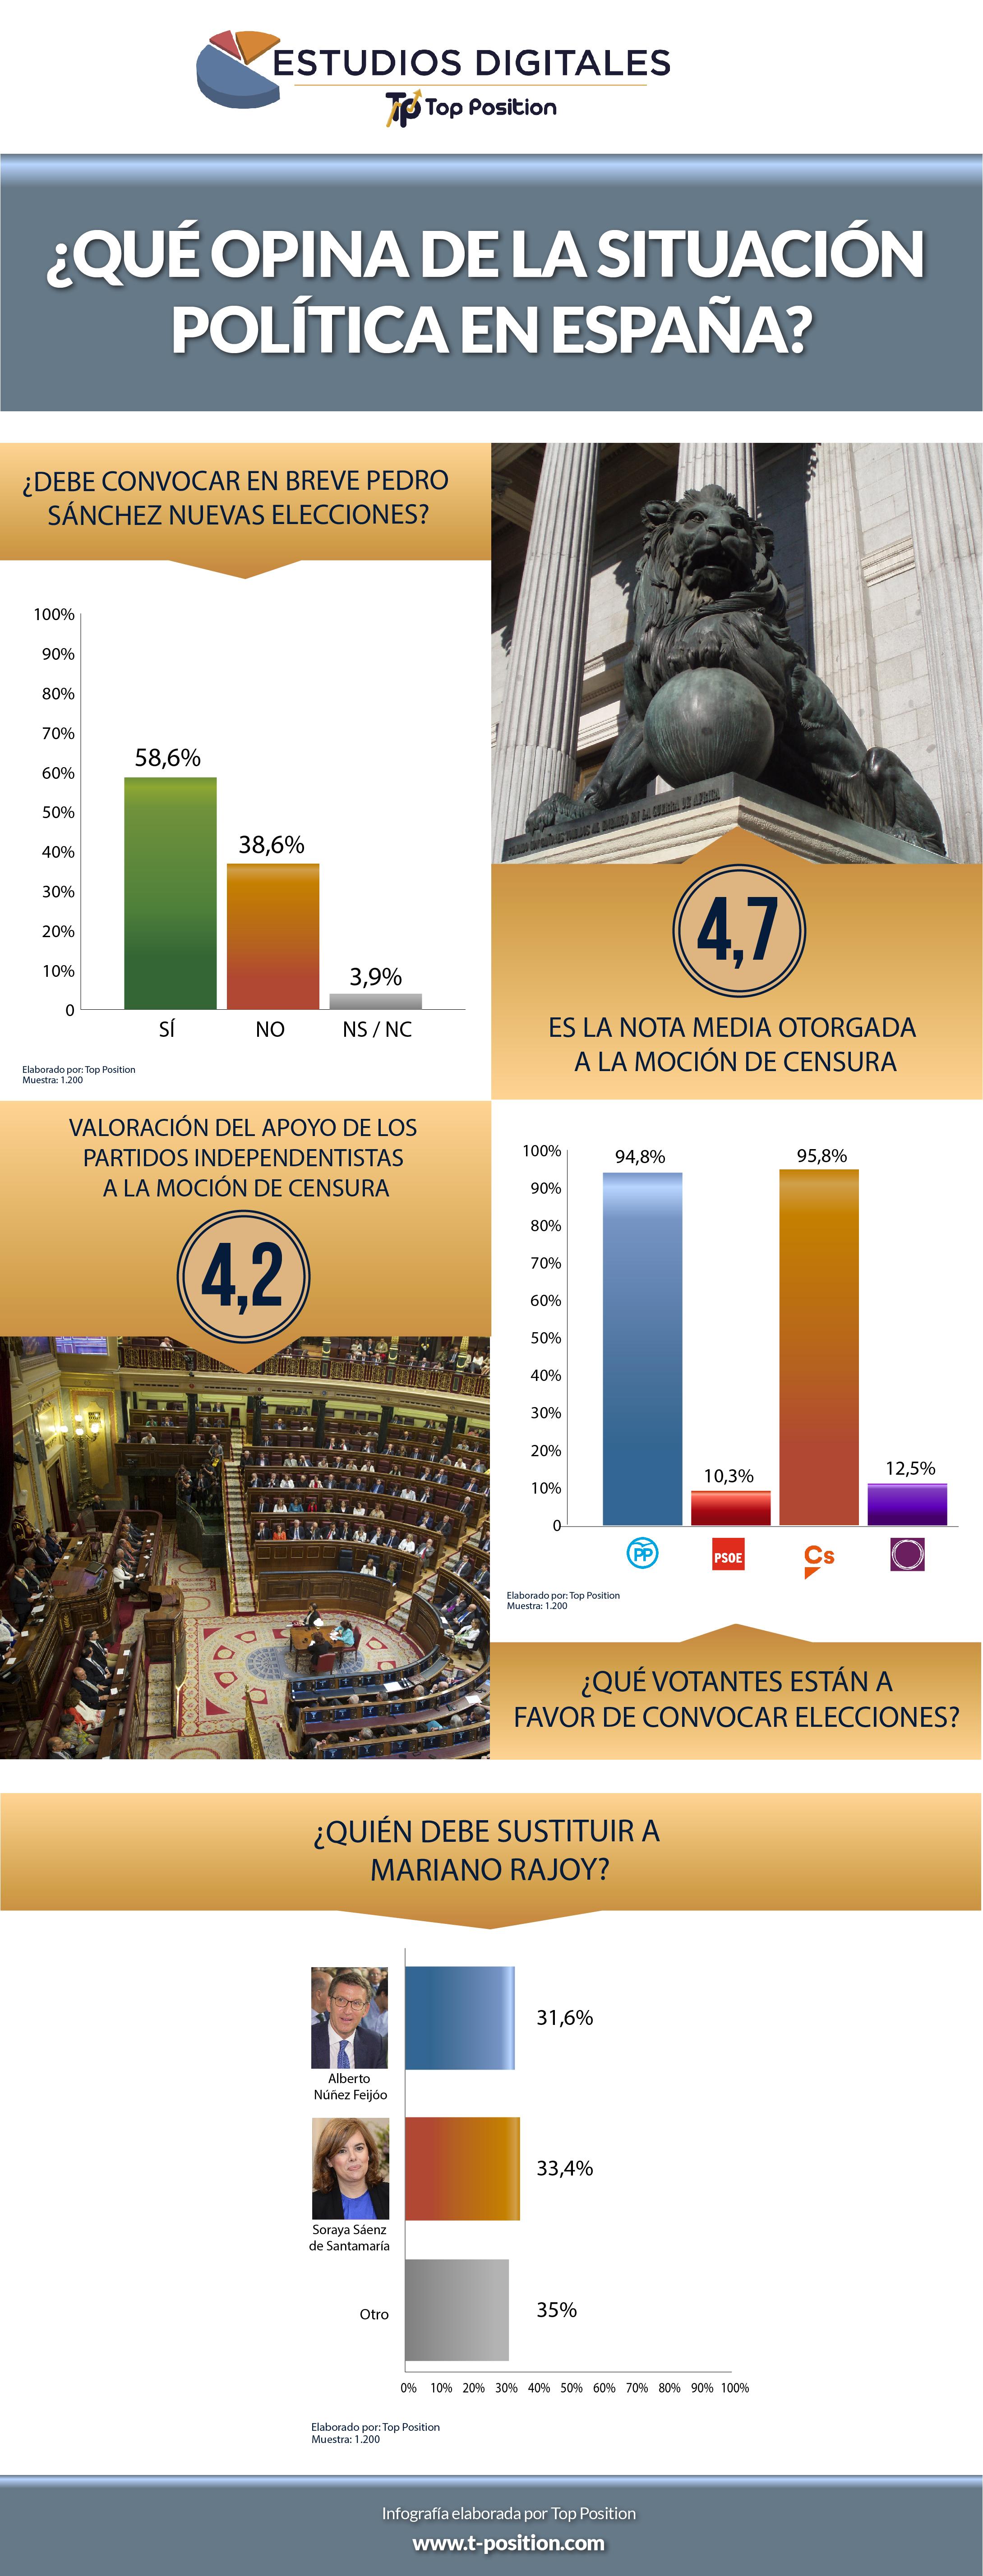 infografia-situacion-politica-españa-04